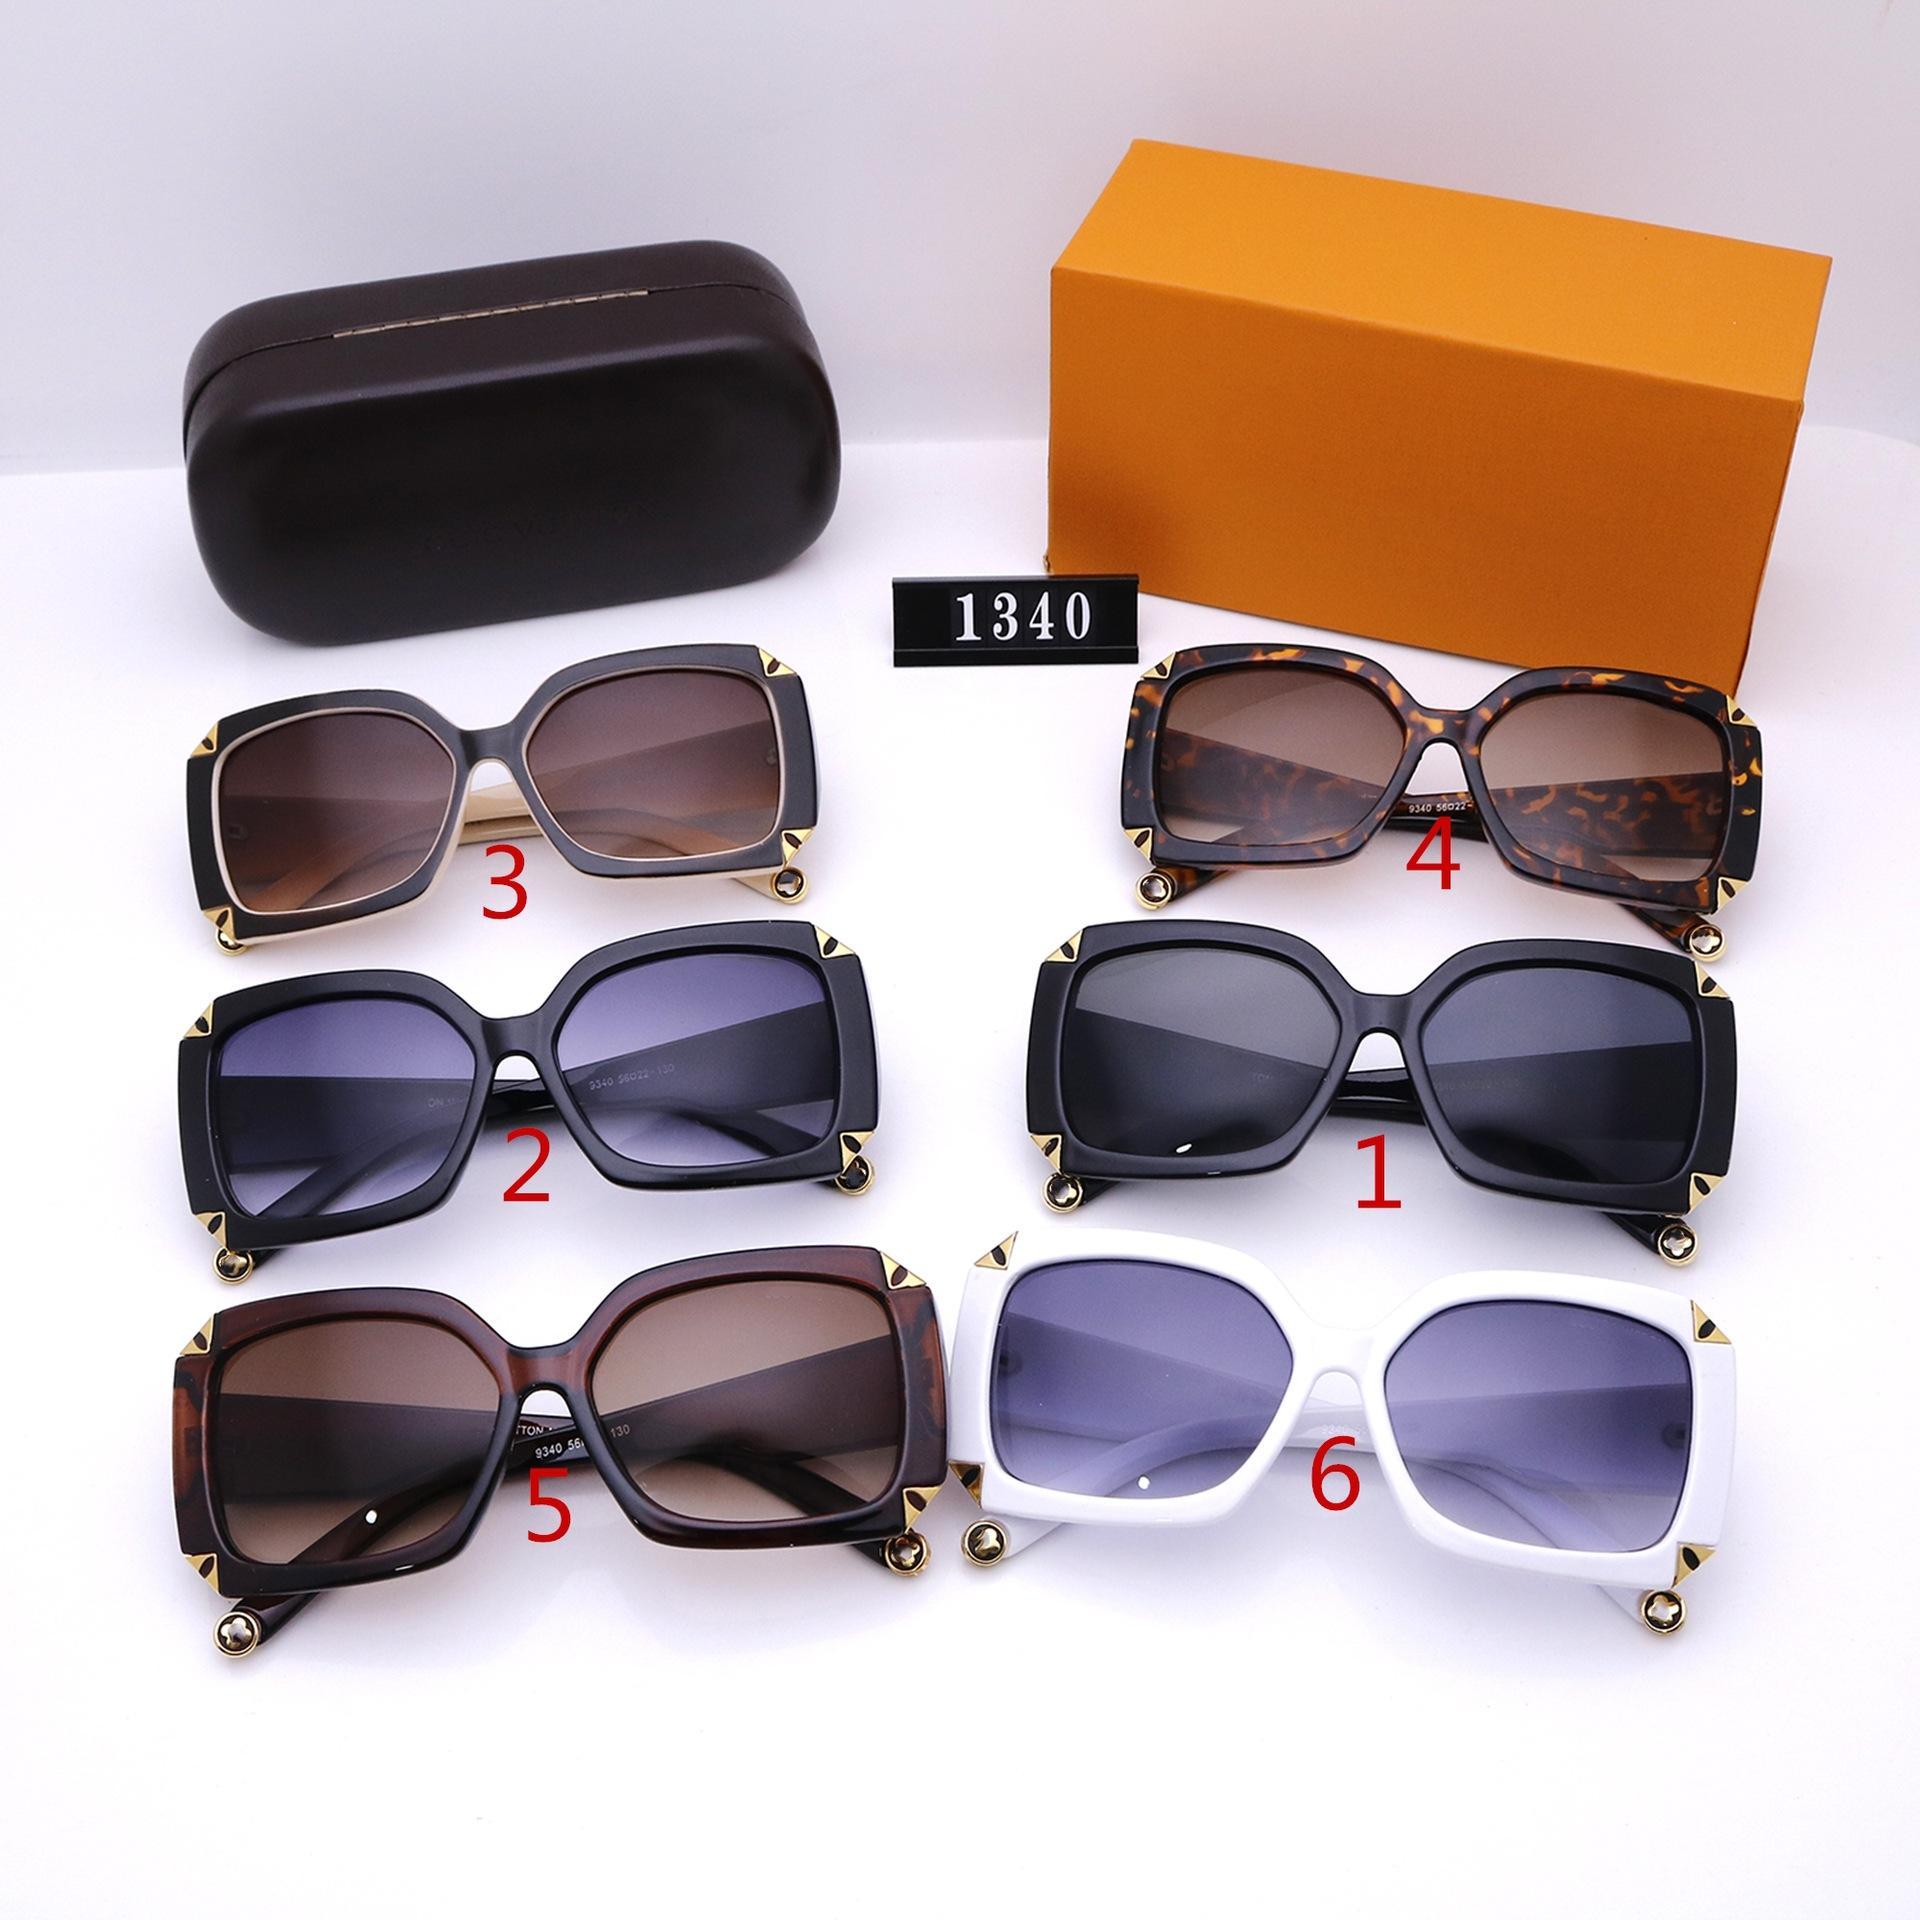 ستة ألوان أزياء نظارات شمسية للرجال والنساء المصممين الفضي جودة عالية HD الاستقطاب عدسات إطار كبير القيادة نظارات 1340